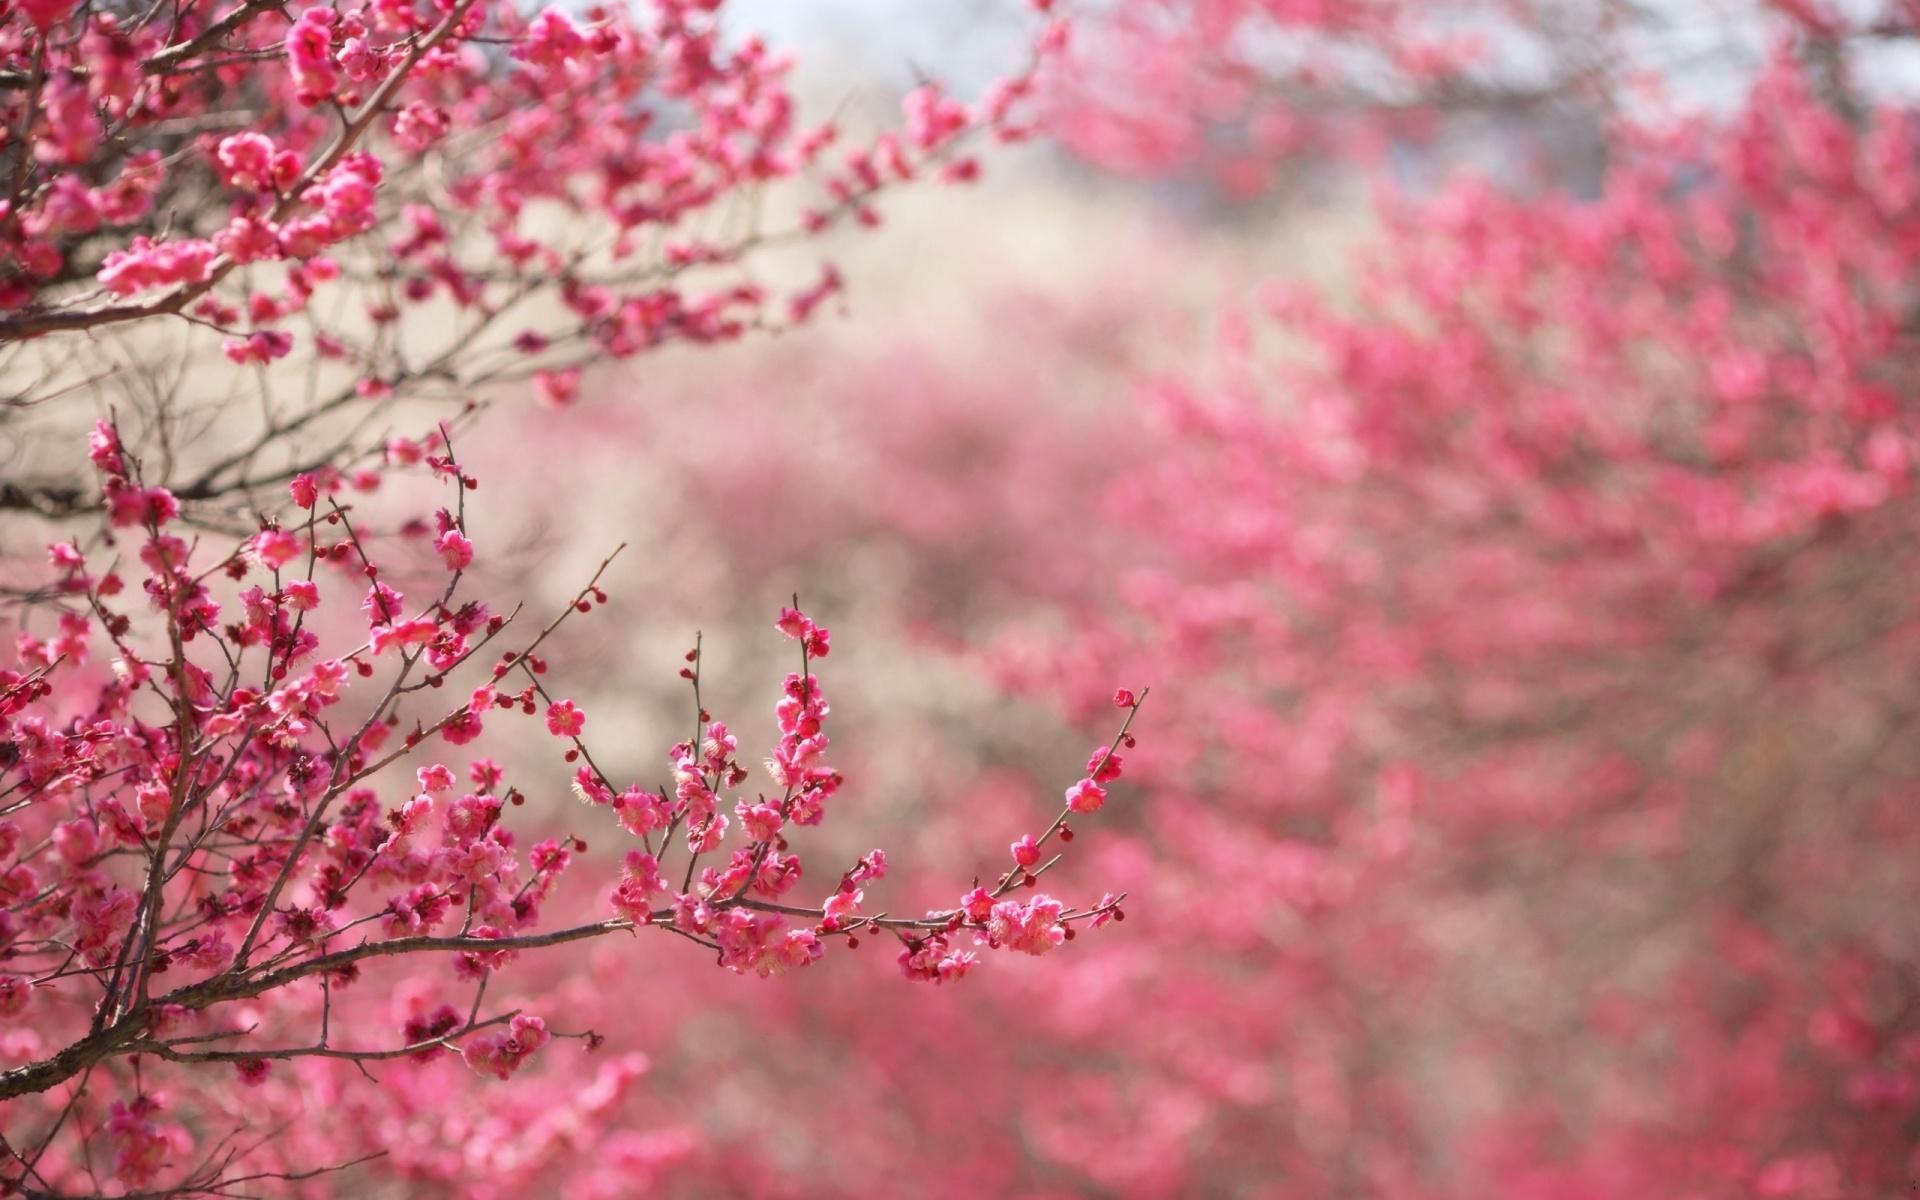 Flower Tumblr Wallpaper Widescreen - Excitelt com